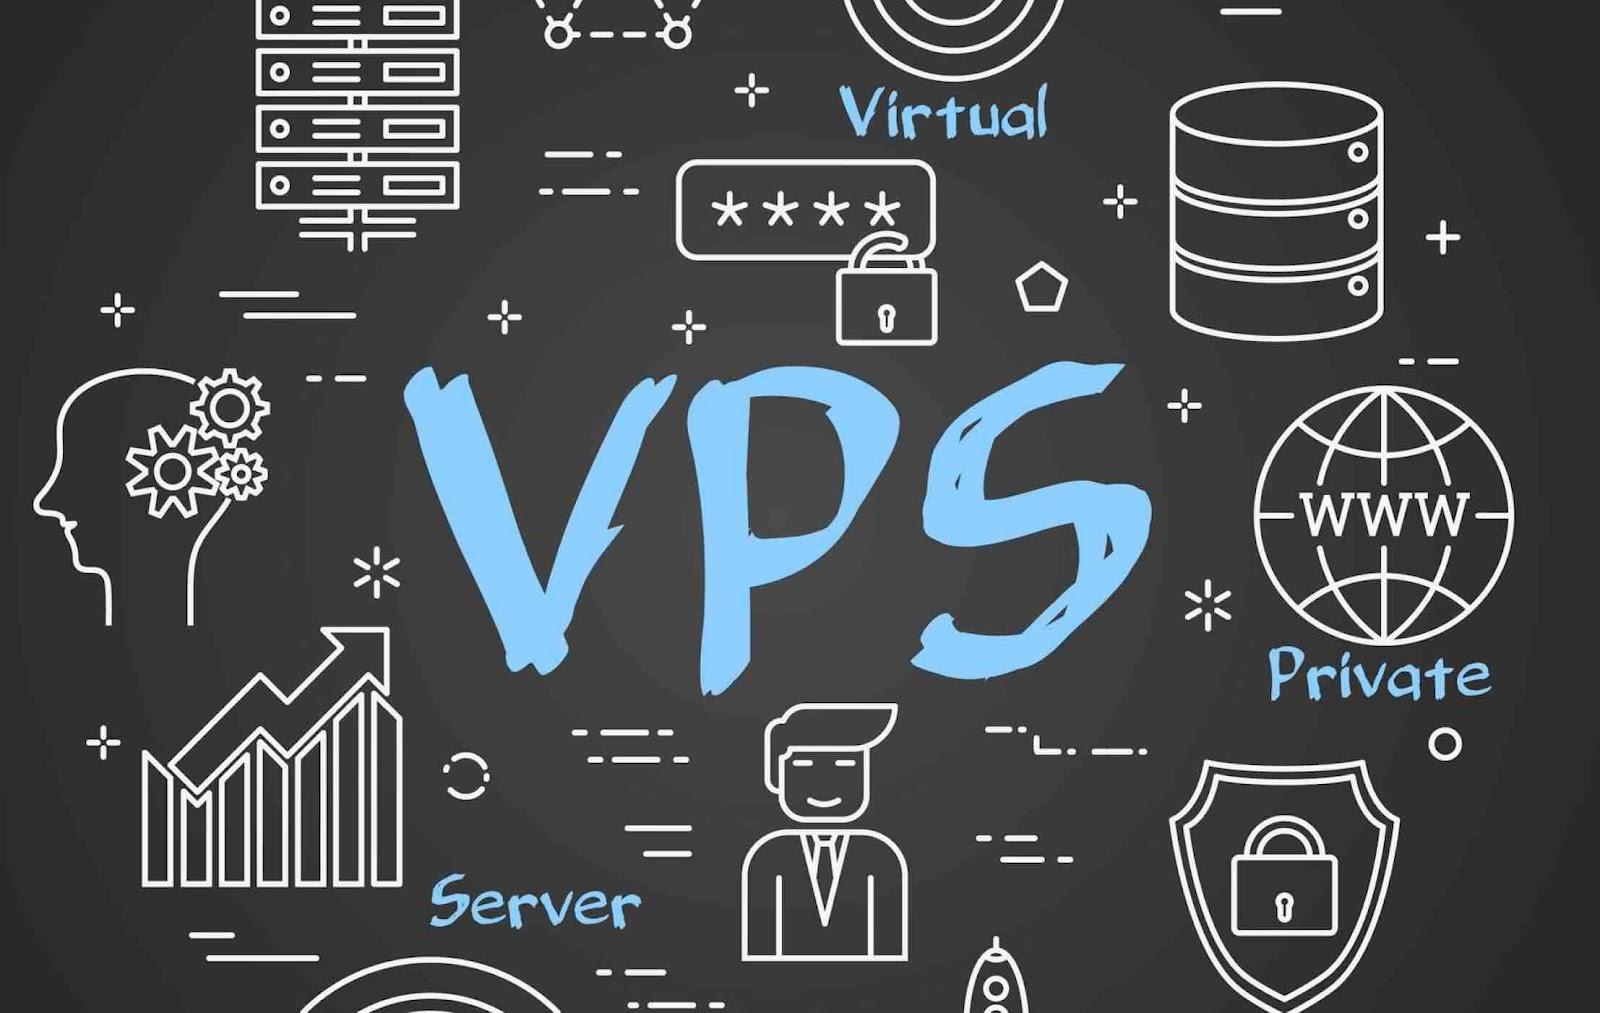 Địa chỉ thuê VPS được nhiều người quan tâm bậc nhất